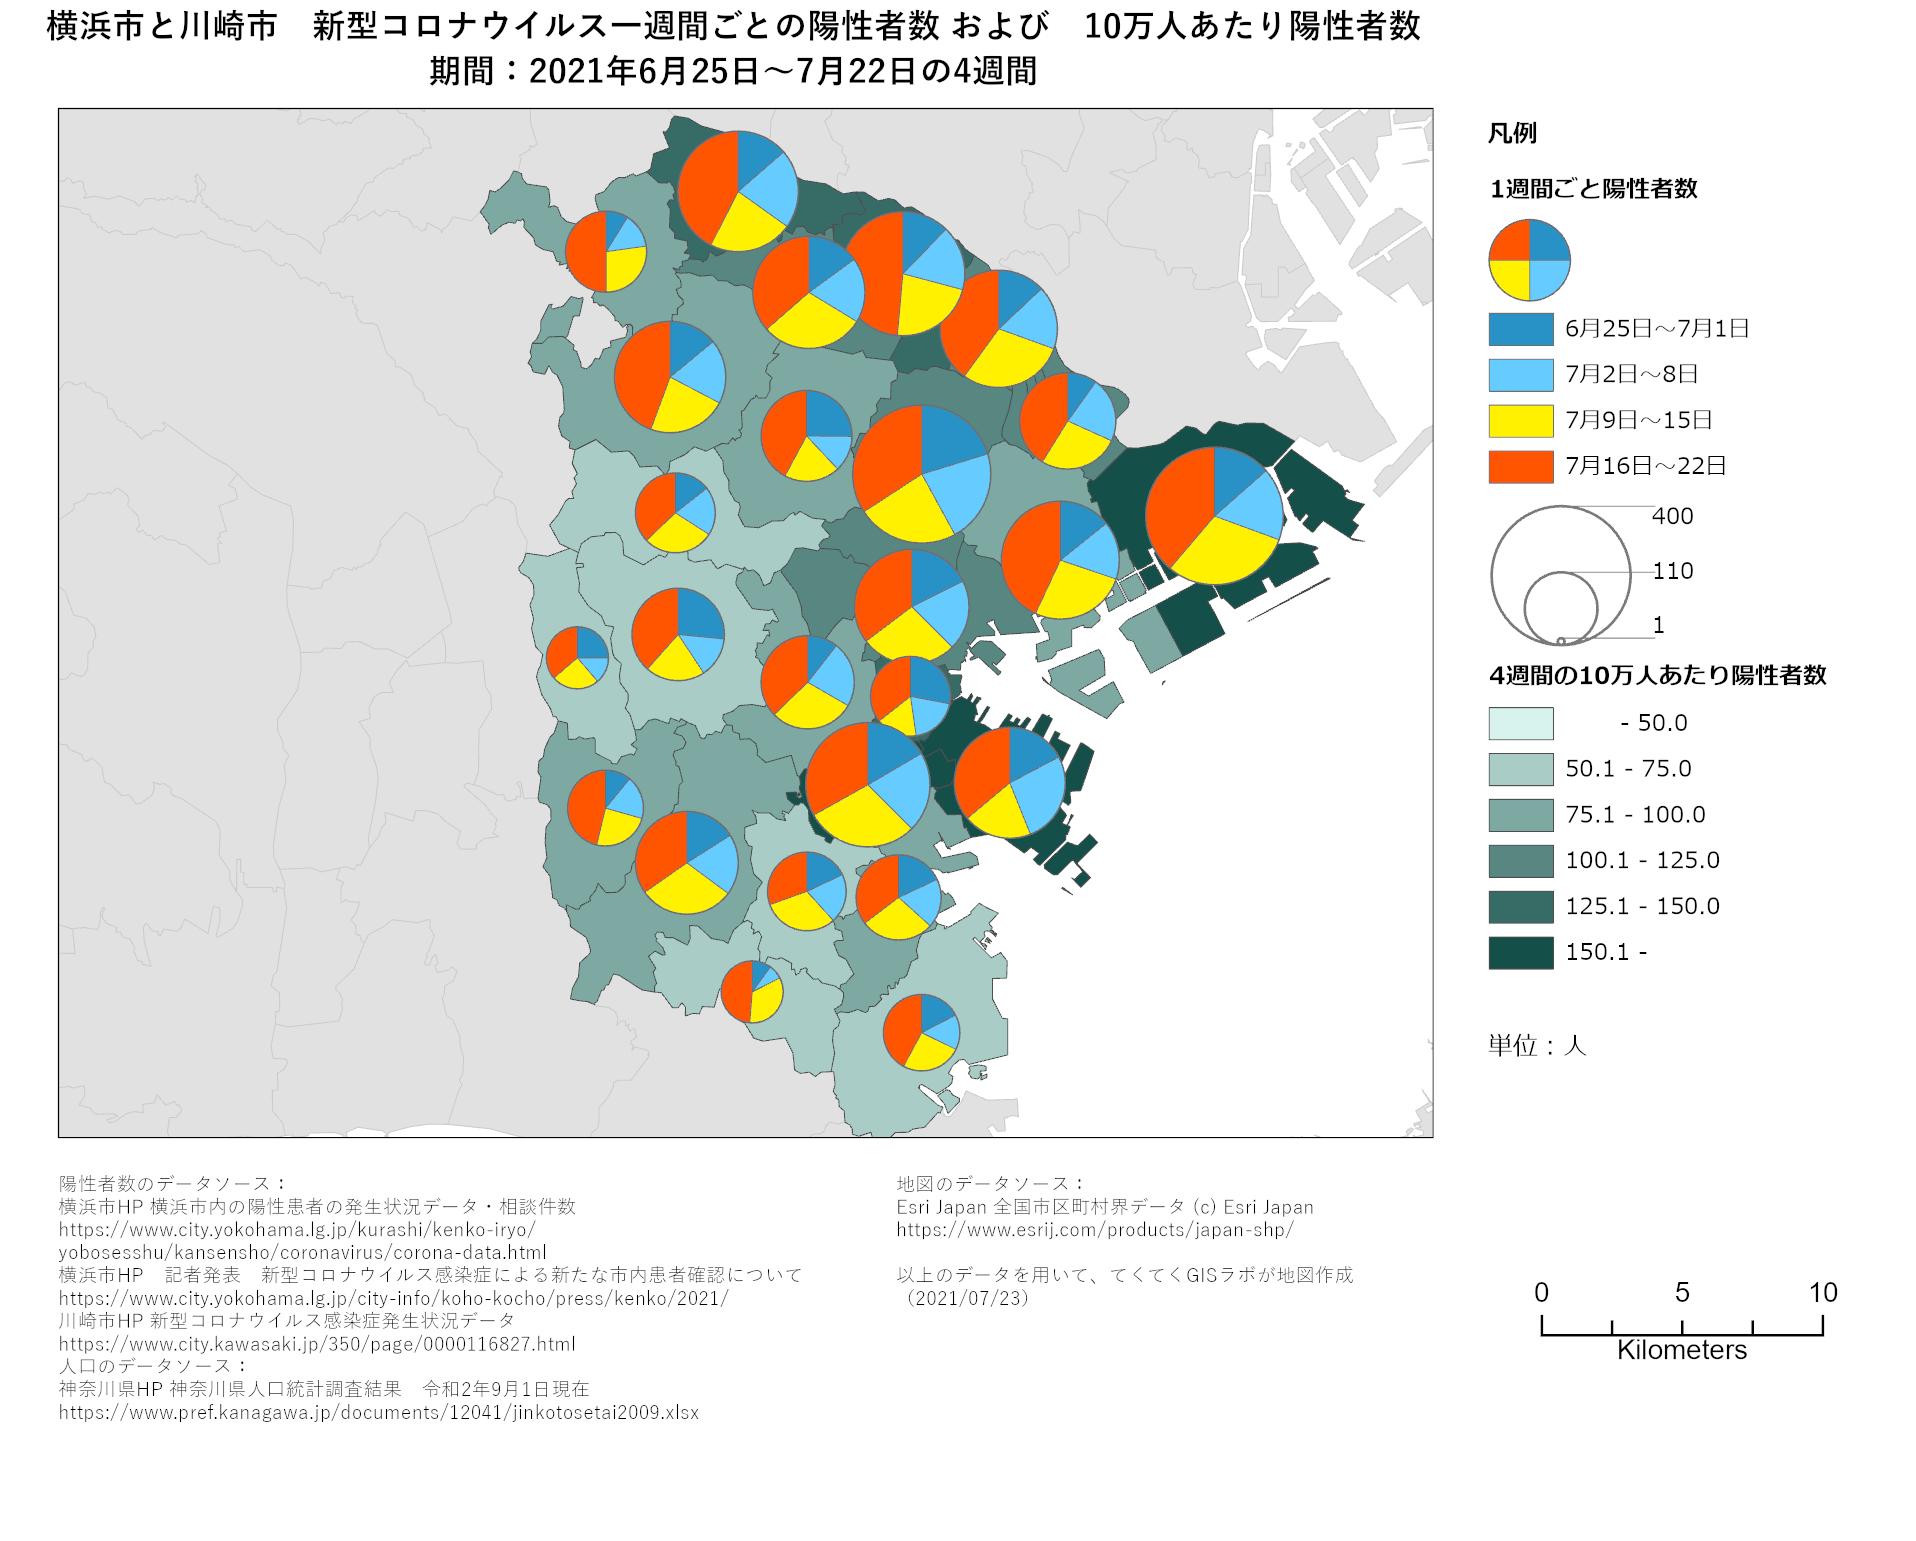 1週間ごと感染者数、神奈川県、6月25日〜7月22日